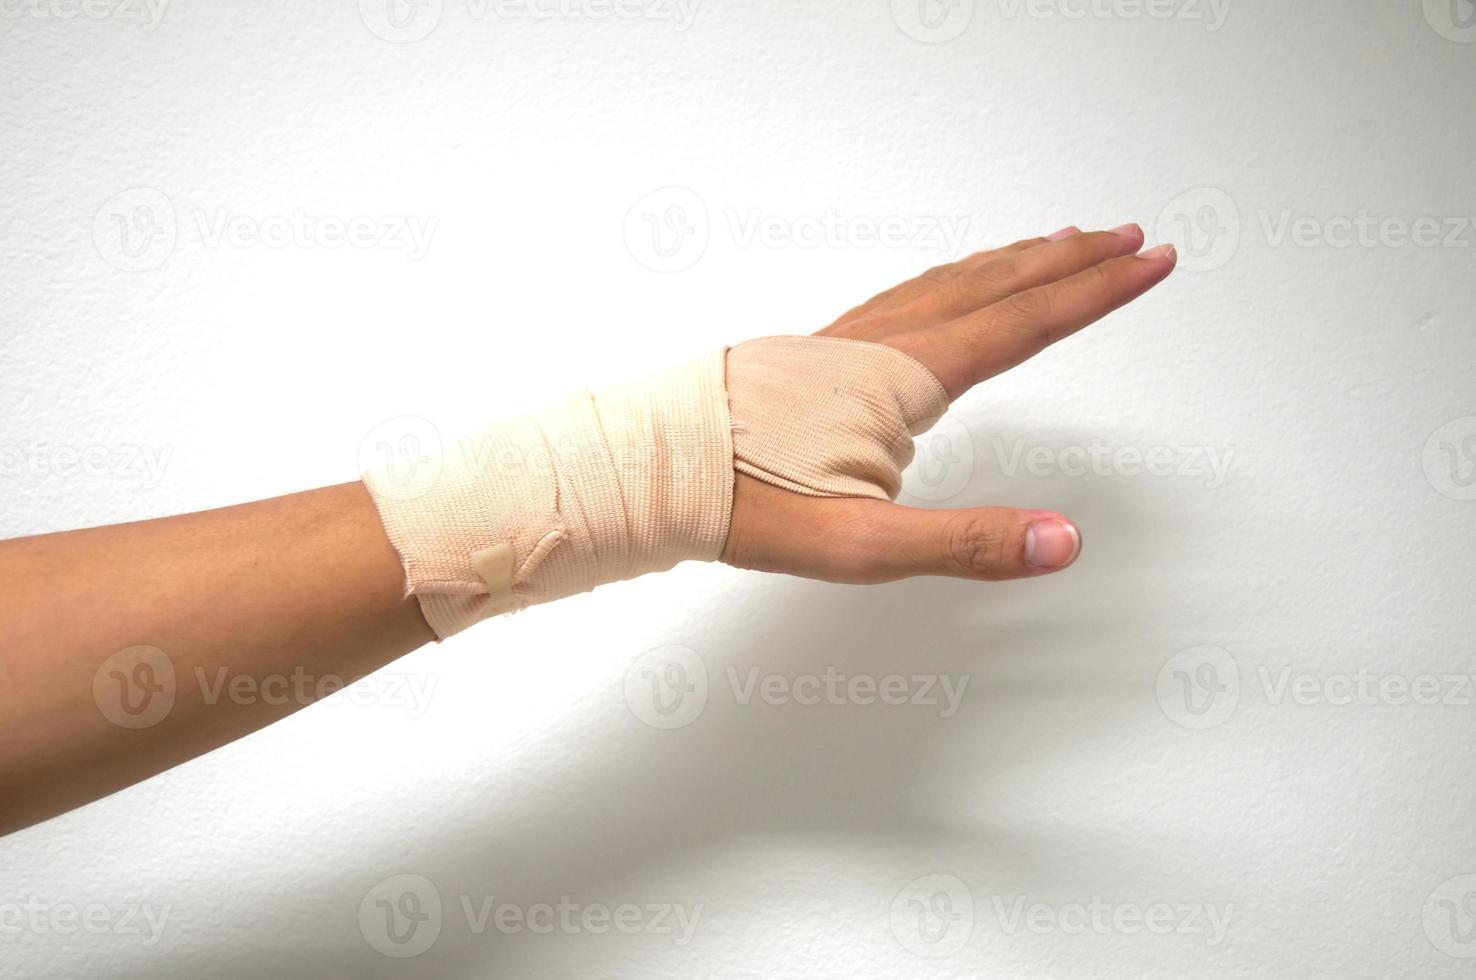 vit medicin bandage på skada hand foto